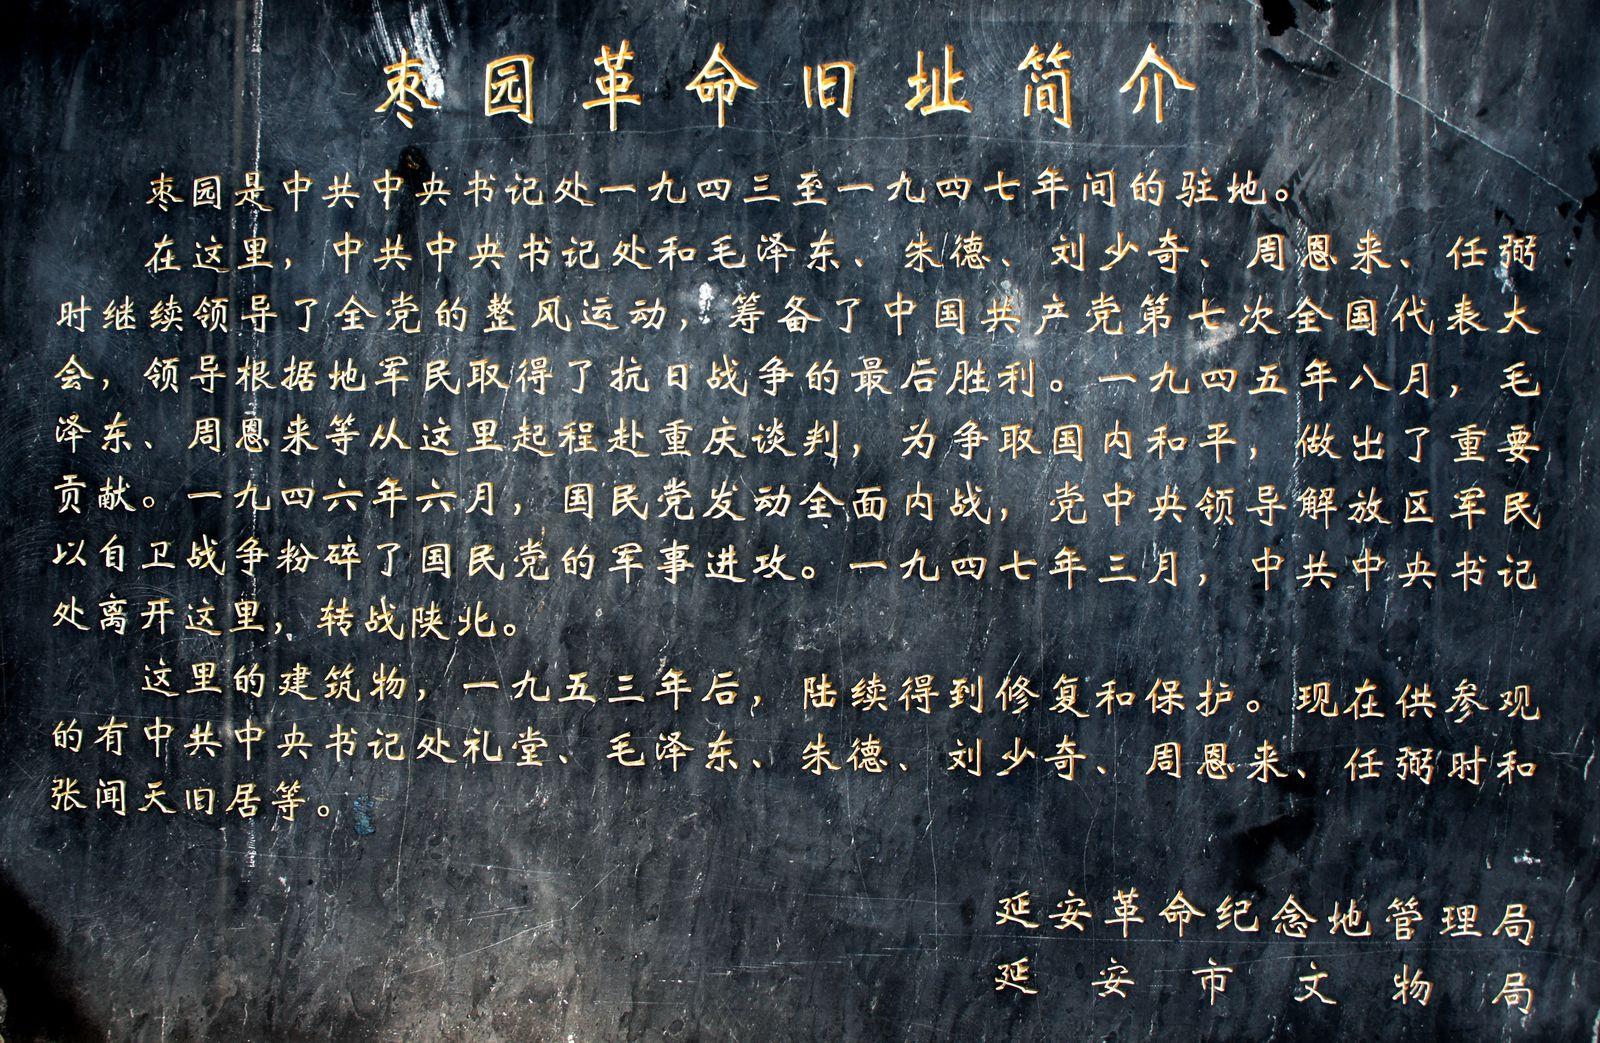 延安杨家岭革命胜地-延安枣园革命旧址简介--93-1600.jpg